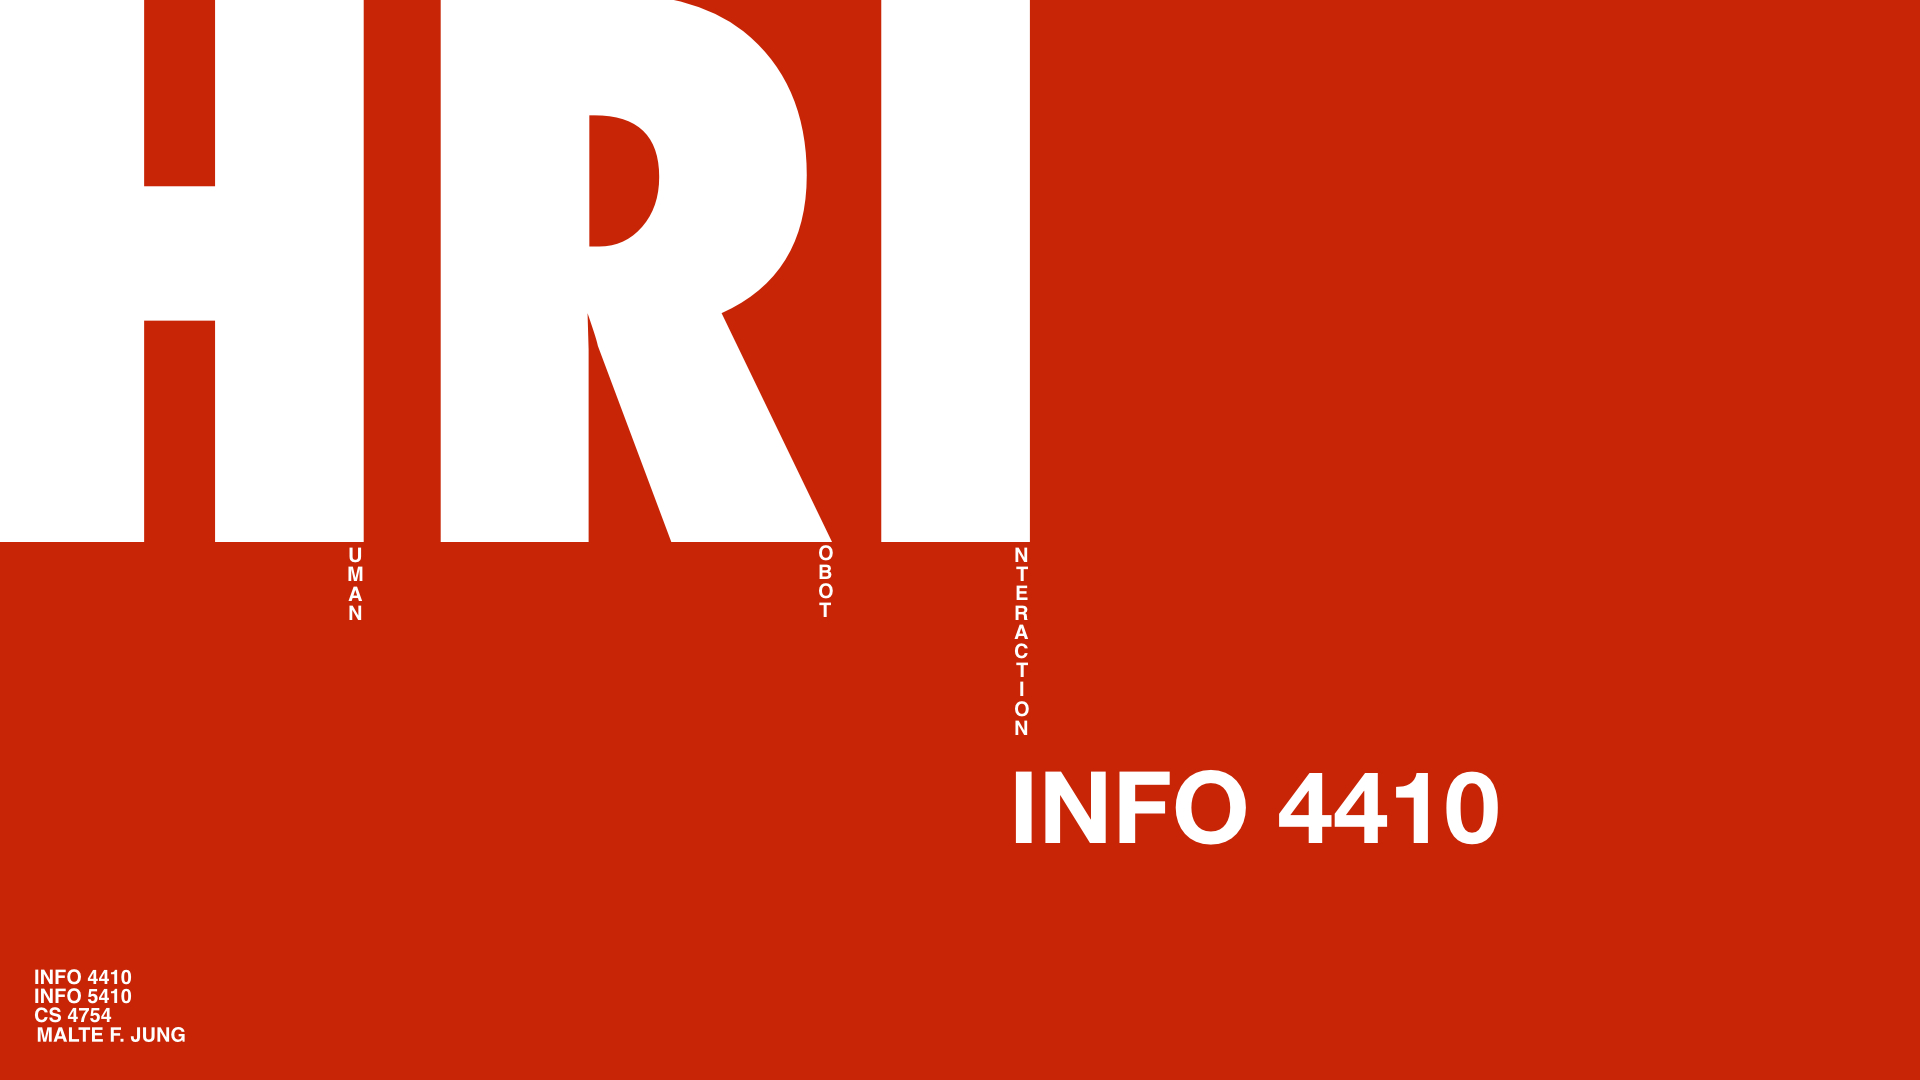 HRI.001